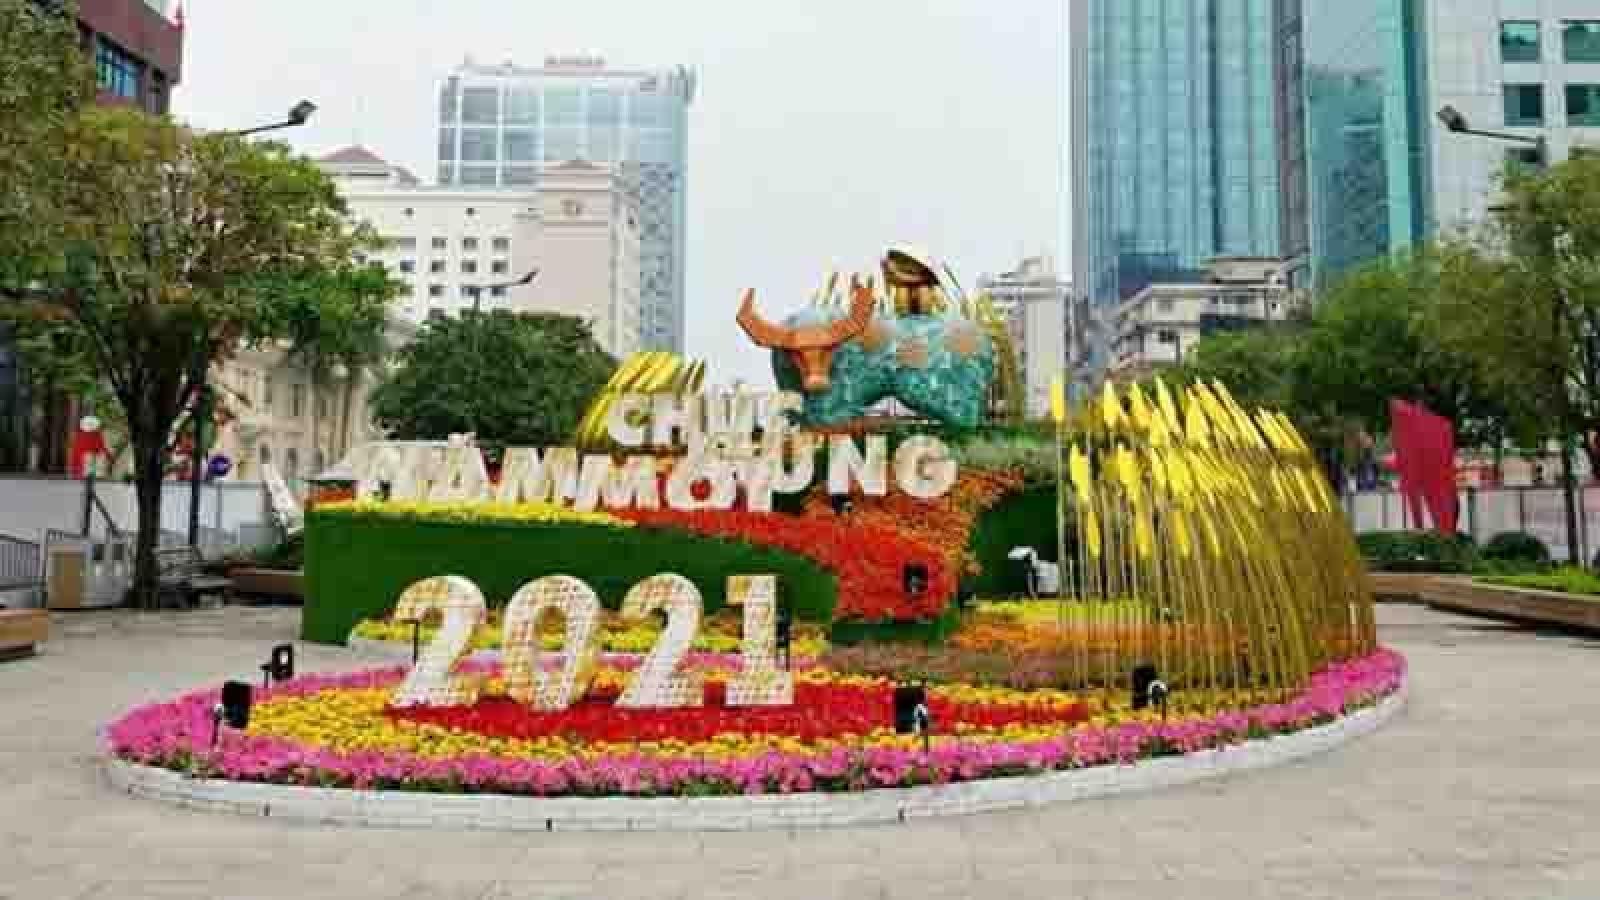 Nguyen Hue flower street opens amid COVID-19 fears